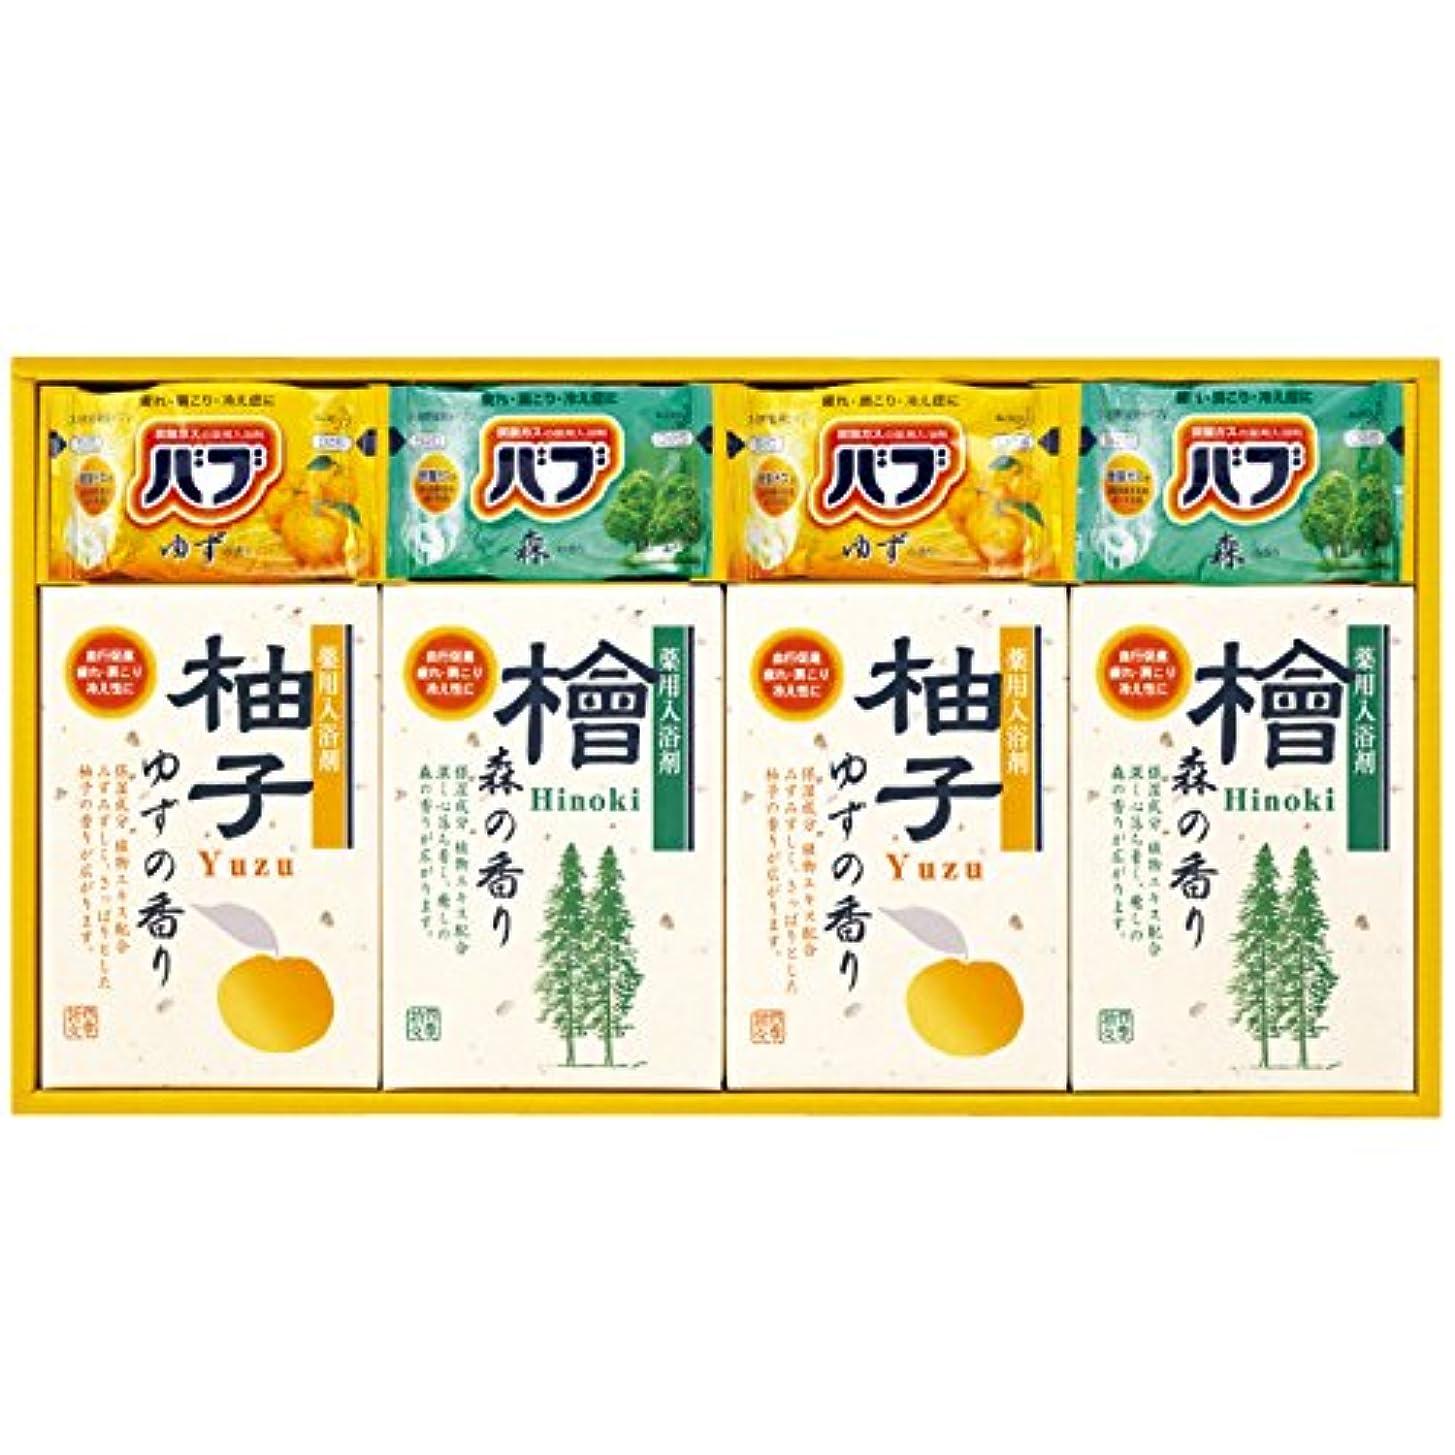 アレンジ提唱する持続する四季折々 薬用入浴剤セット SB-20 7163-032